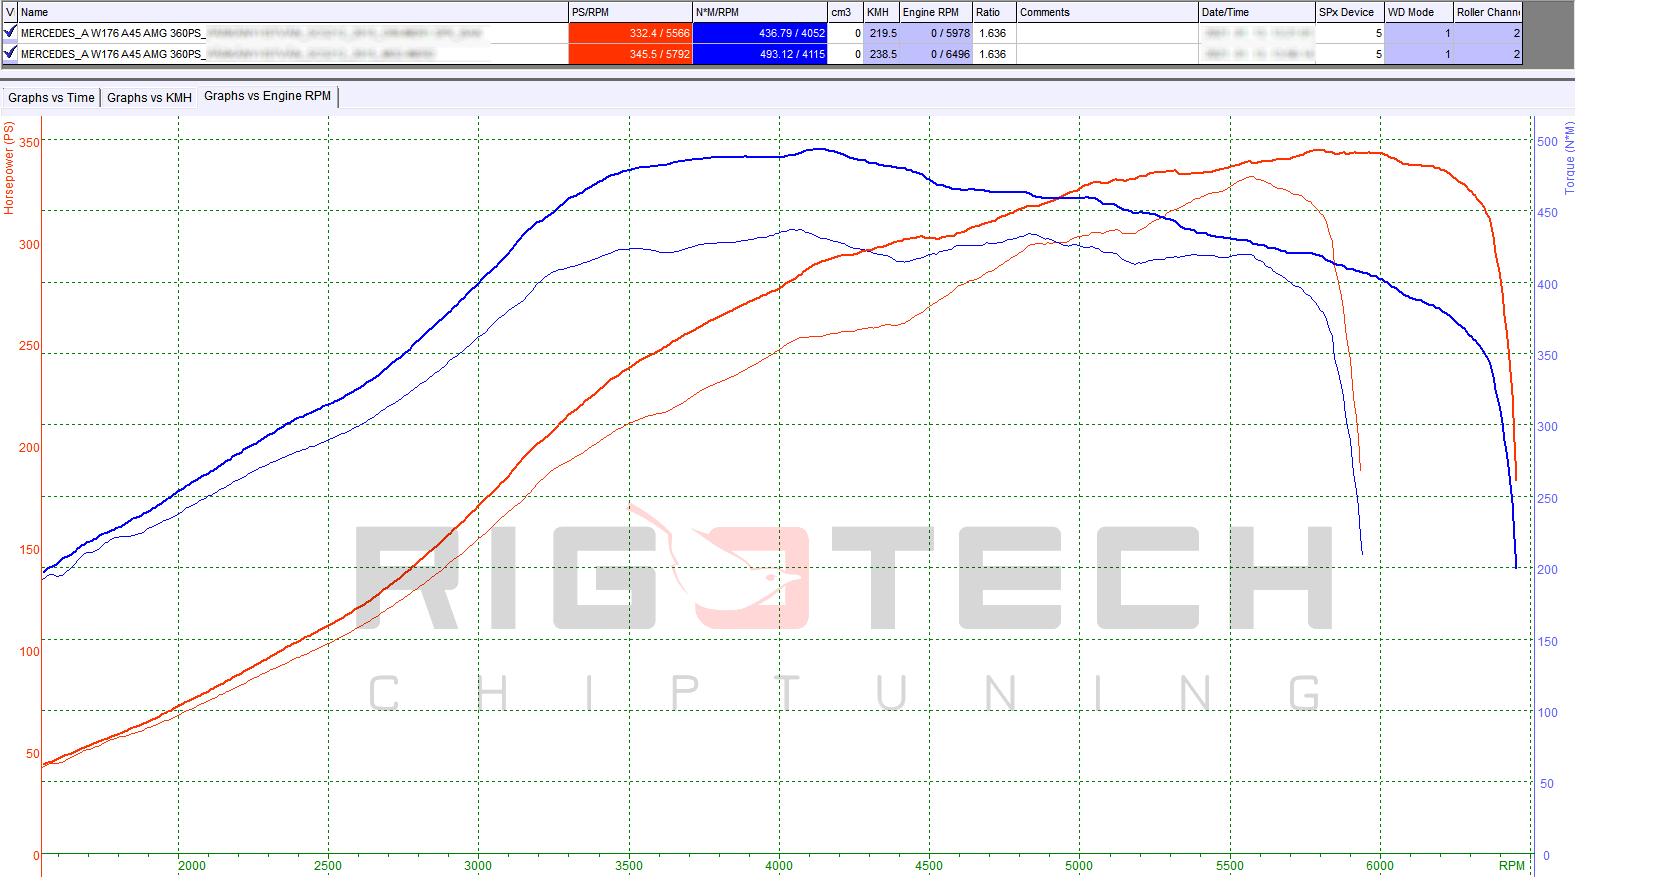 Mercedes_A_45_AMG_360LE_teljesitmenymeres-chart-padozás